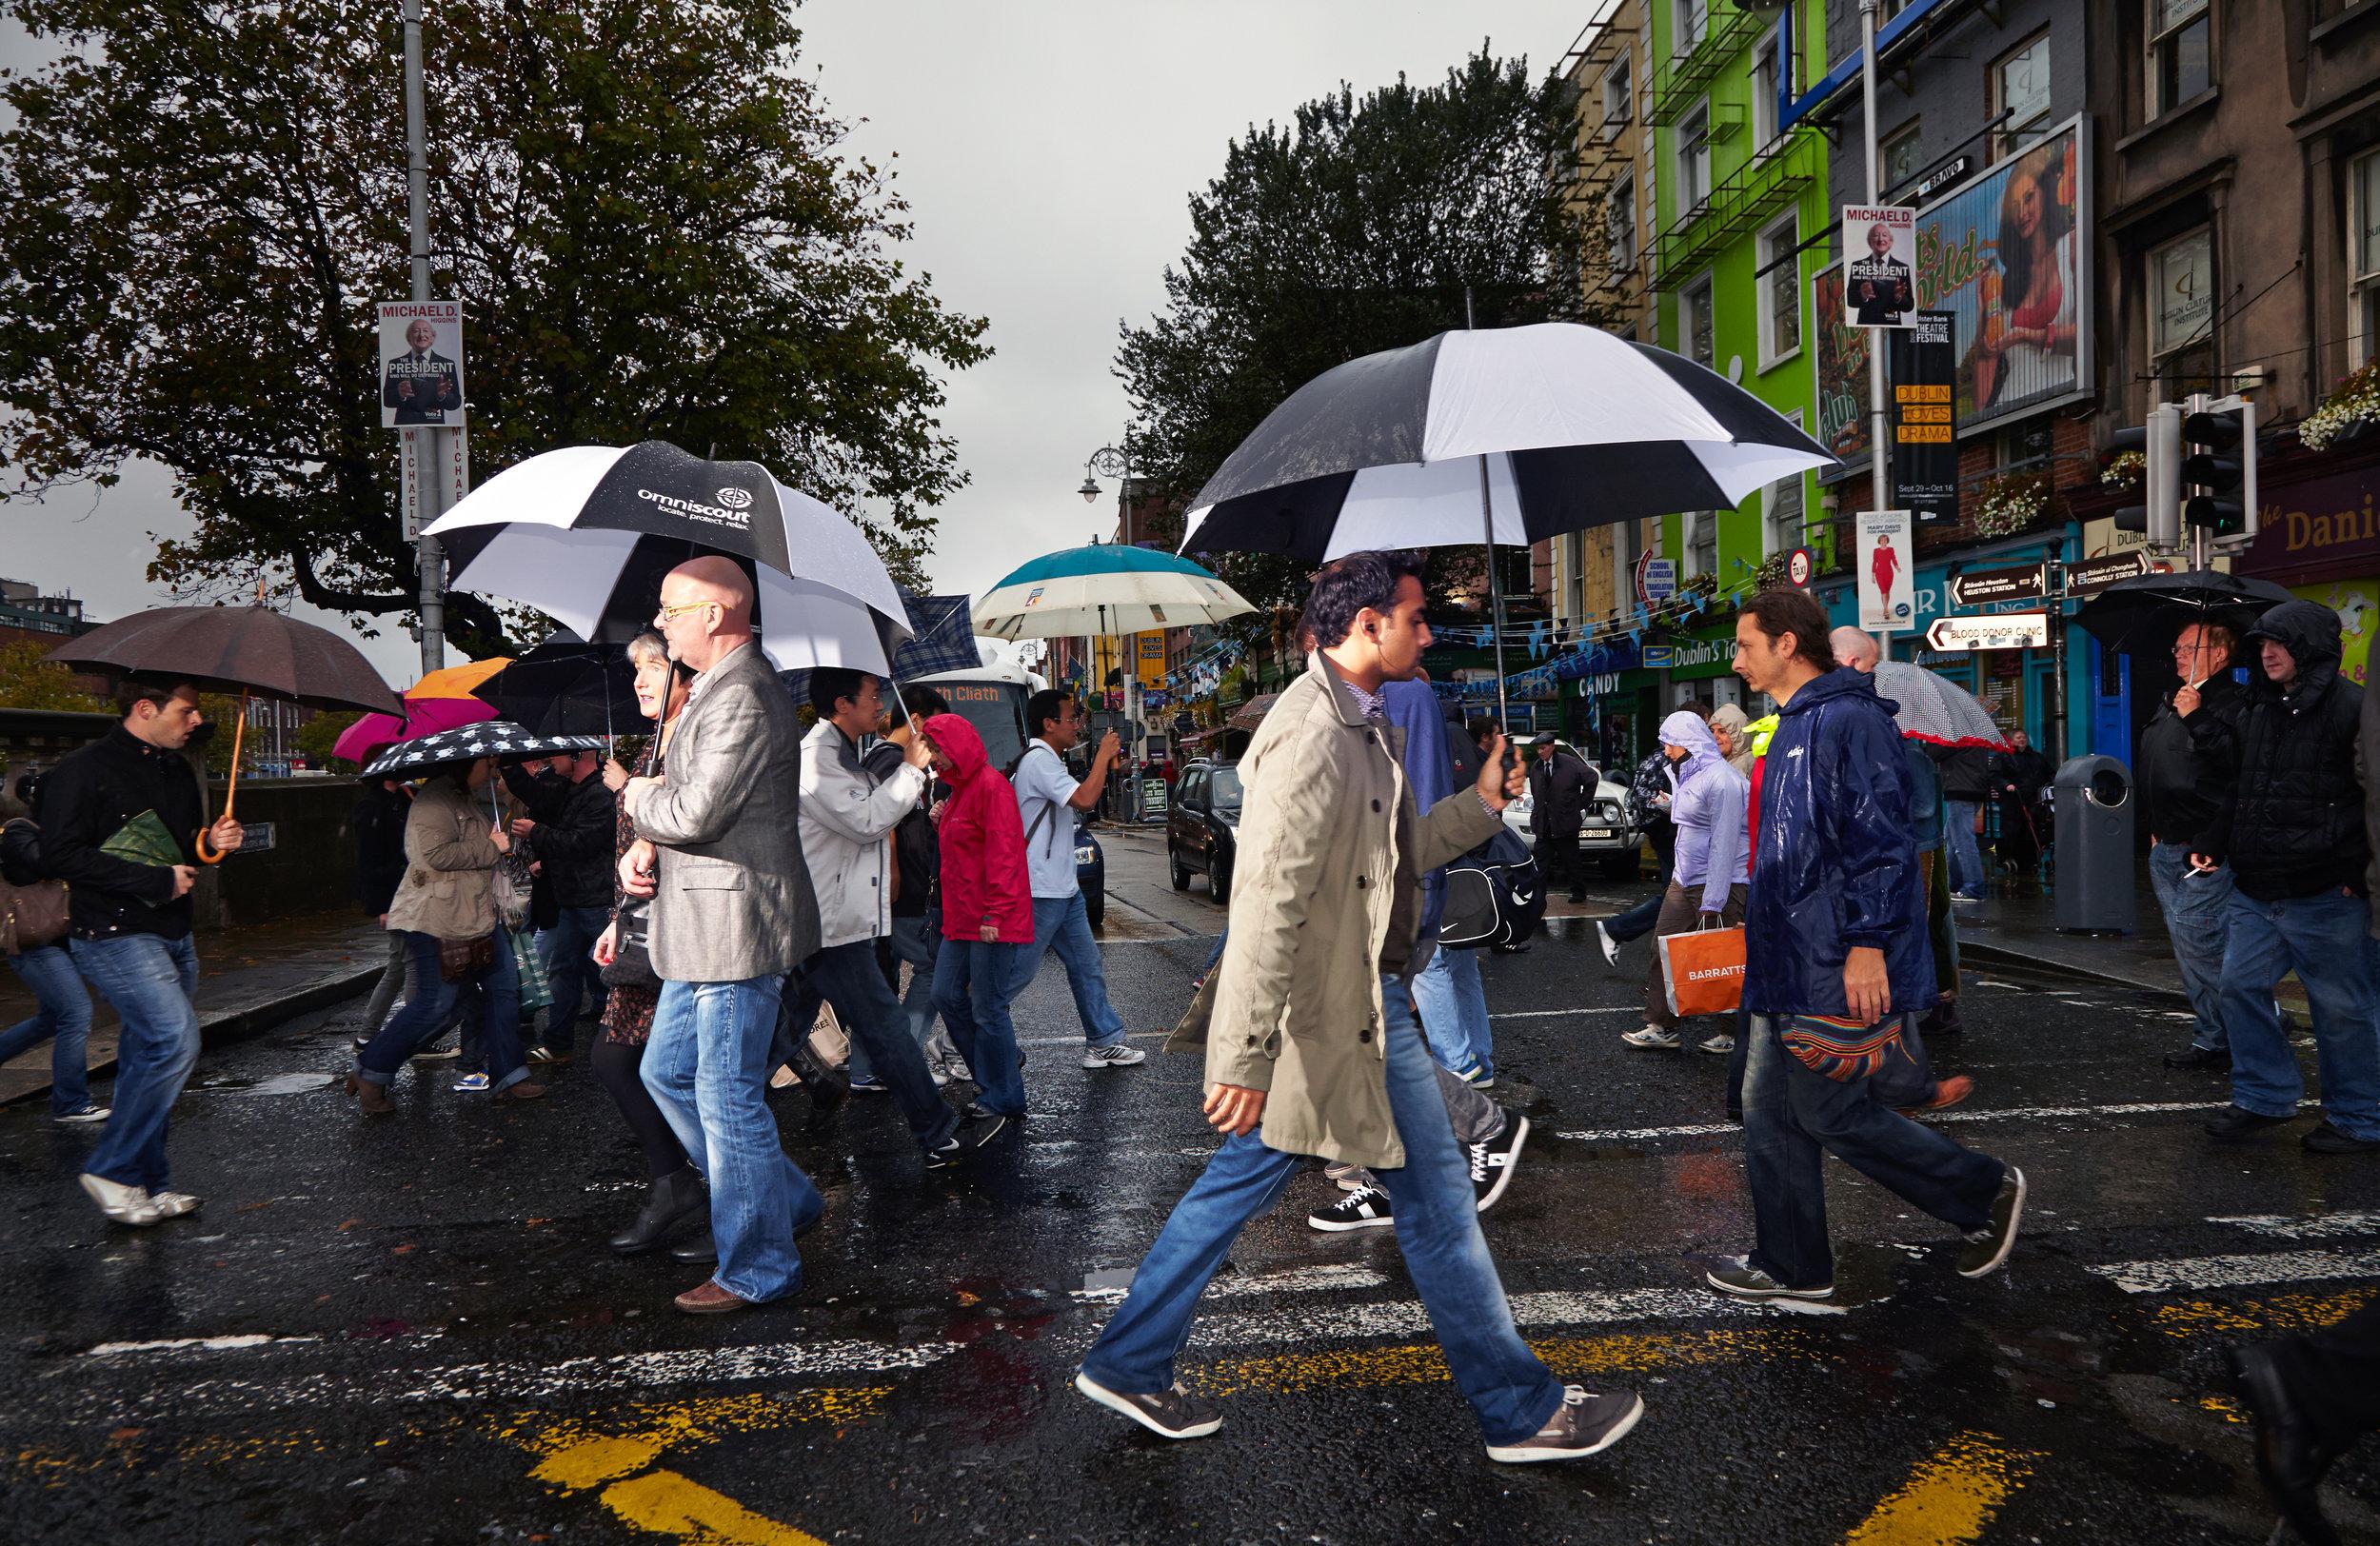 Poike_Stomps_3_Dublin_Crossing_Europe (1 van 1).jpg